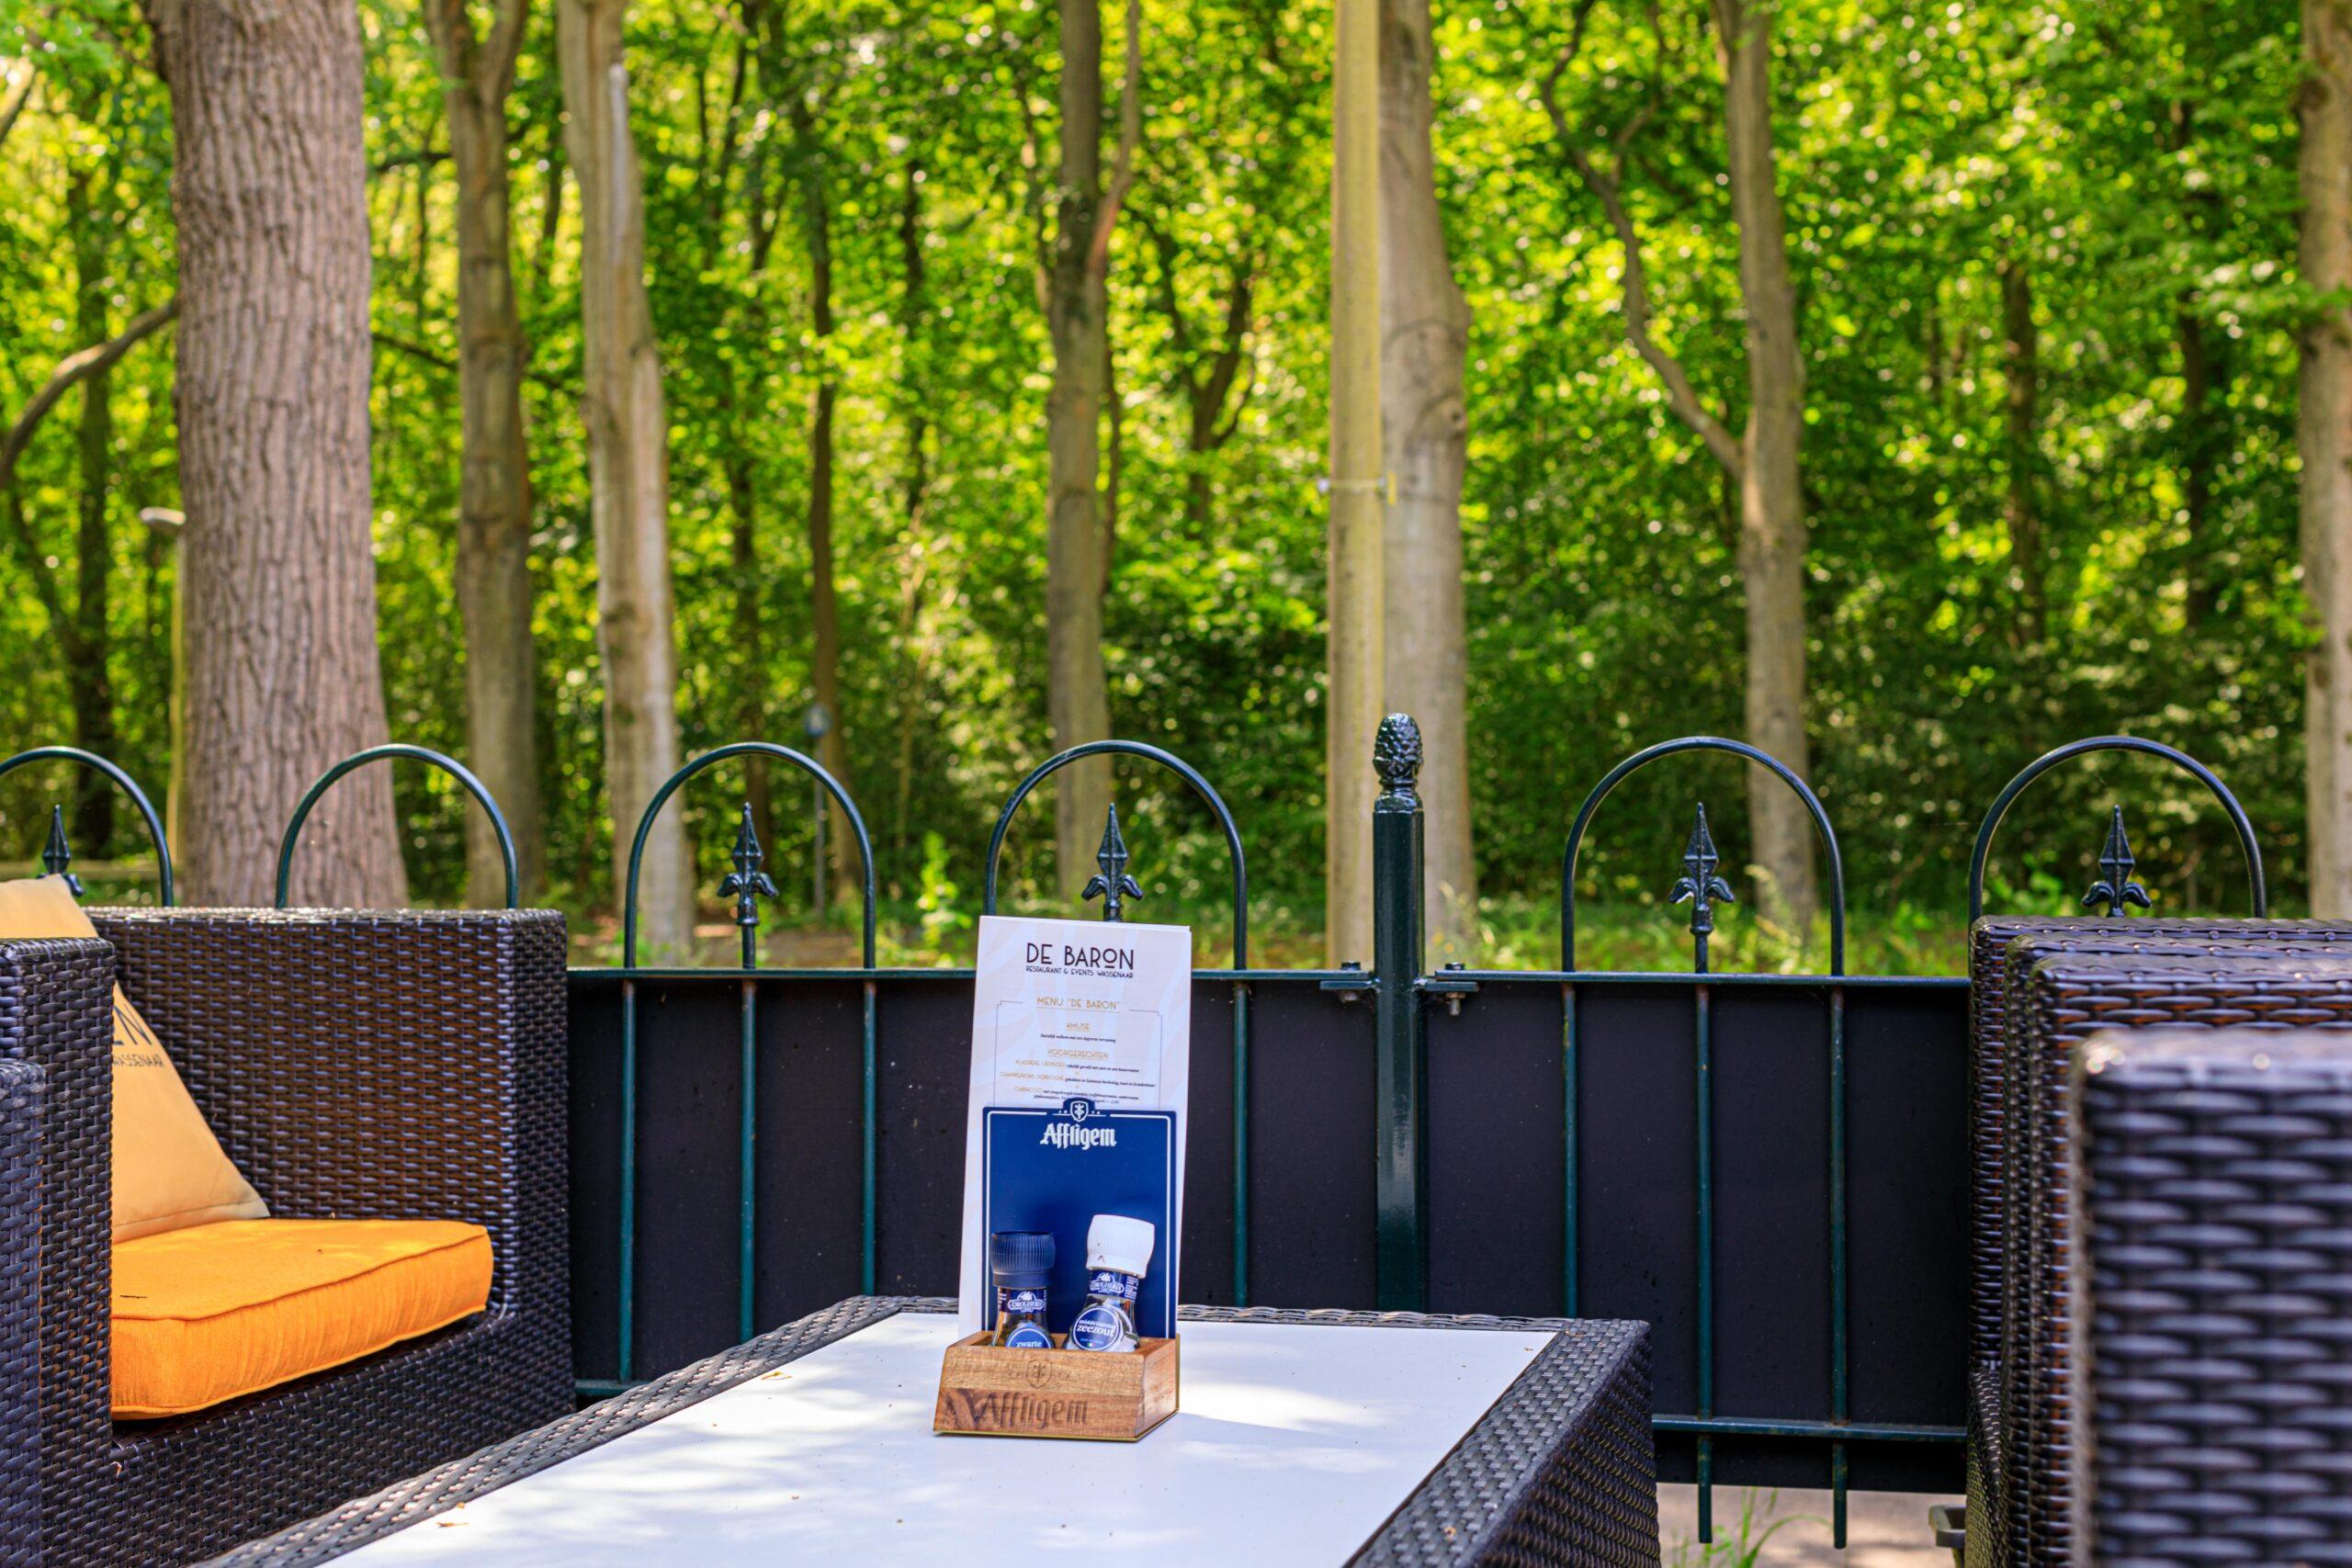 De Baron restaurant & events Wassenaar Terras Lounge